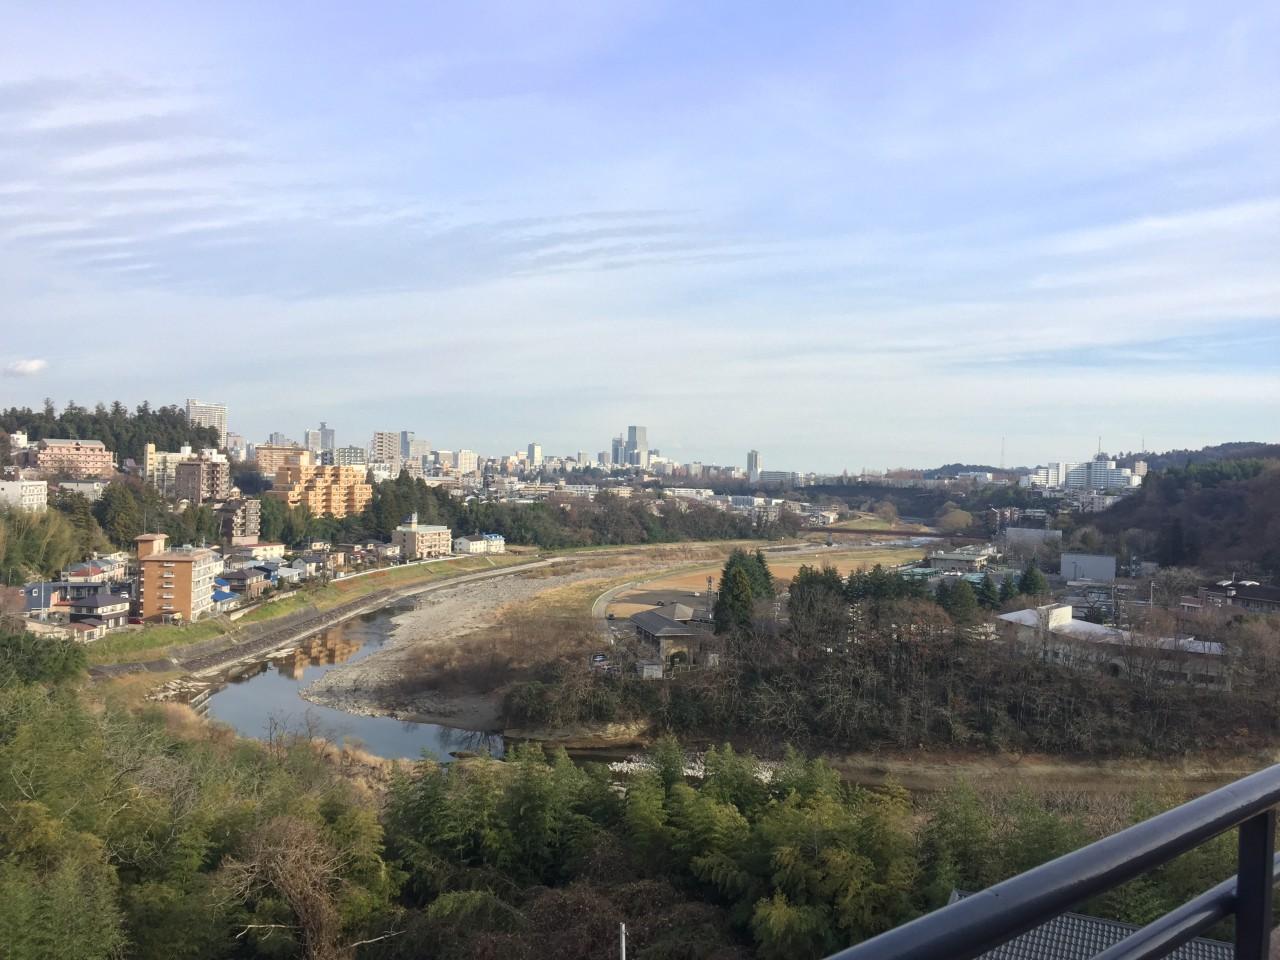 【5/20価格変更!!! 】広瀬川を一望できるリビングで、気持ちいい暮らしを。